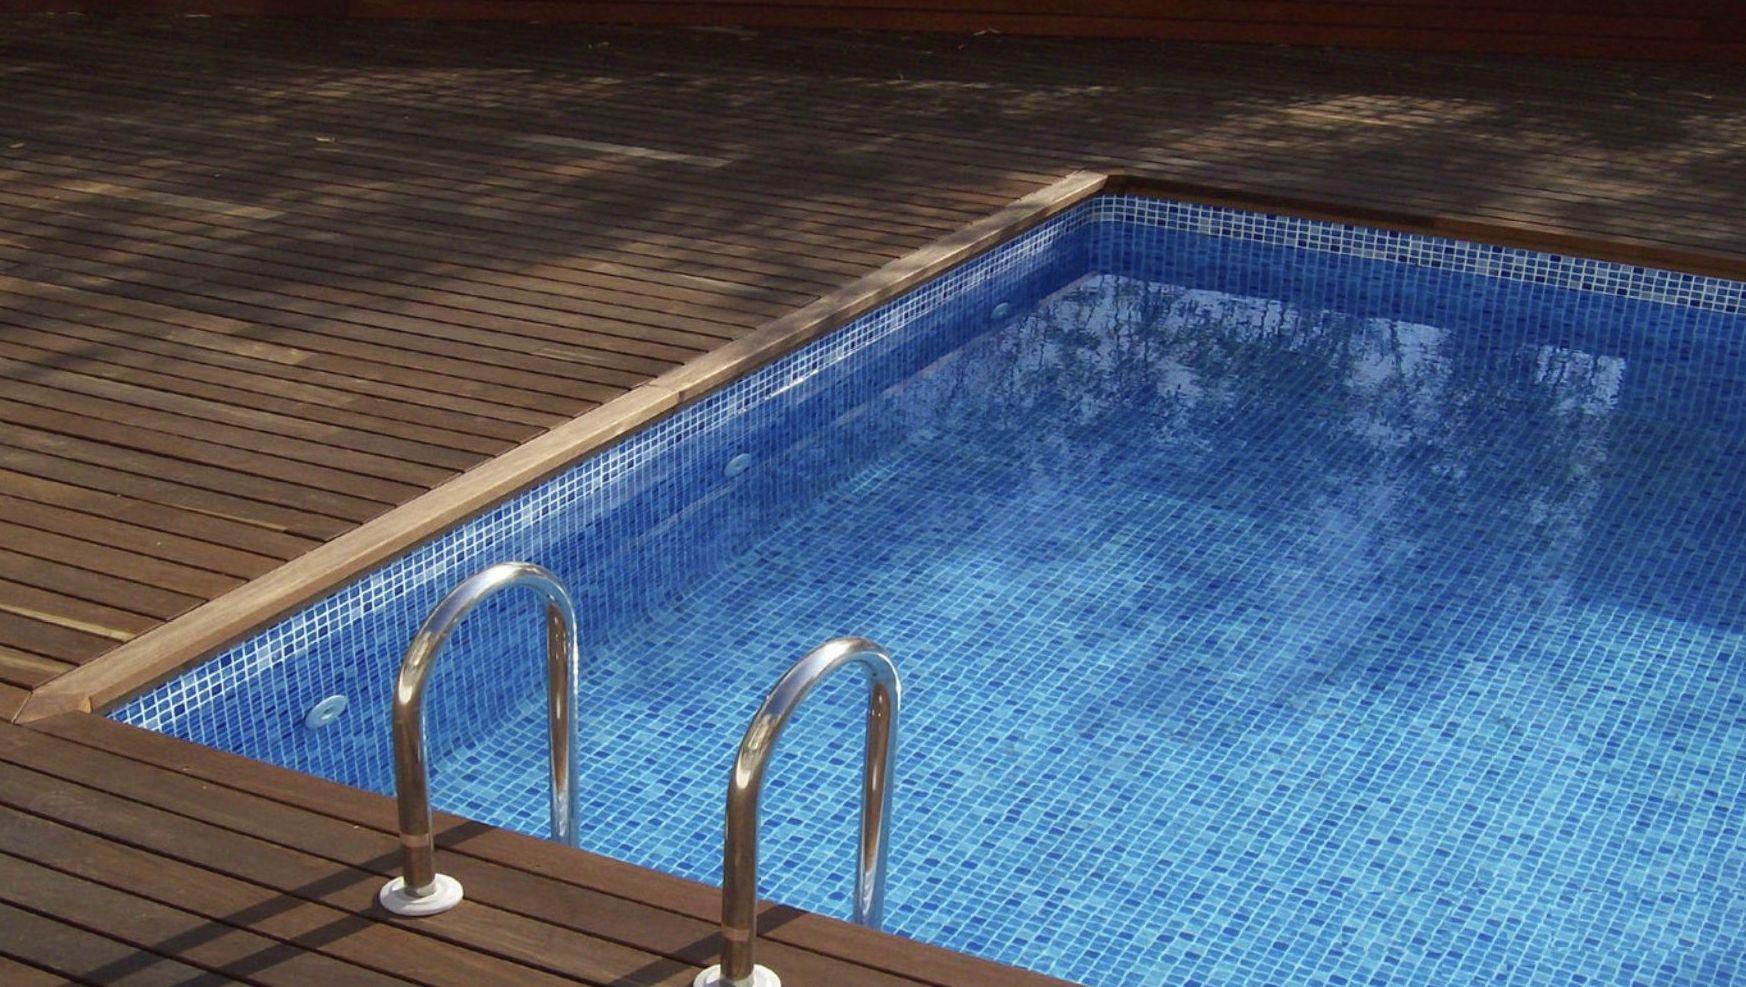 PInturas para suelos de piscina de madera